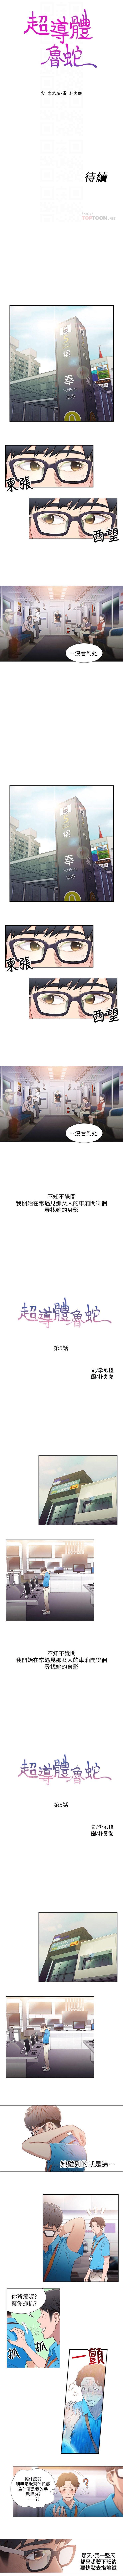 (周7)超导体鲁蛇(超级吸引力) 1-14 中文翻译(更新中) 18